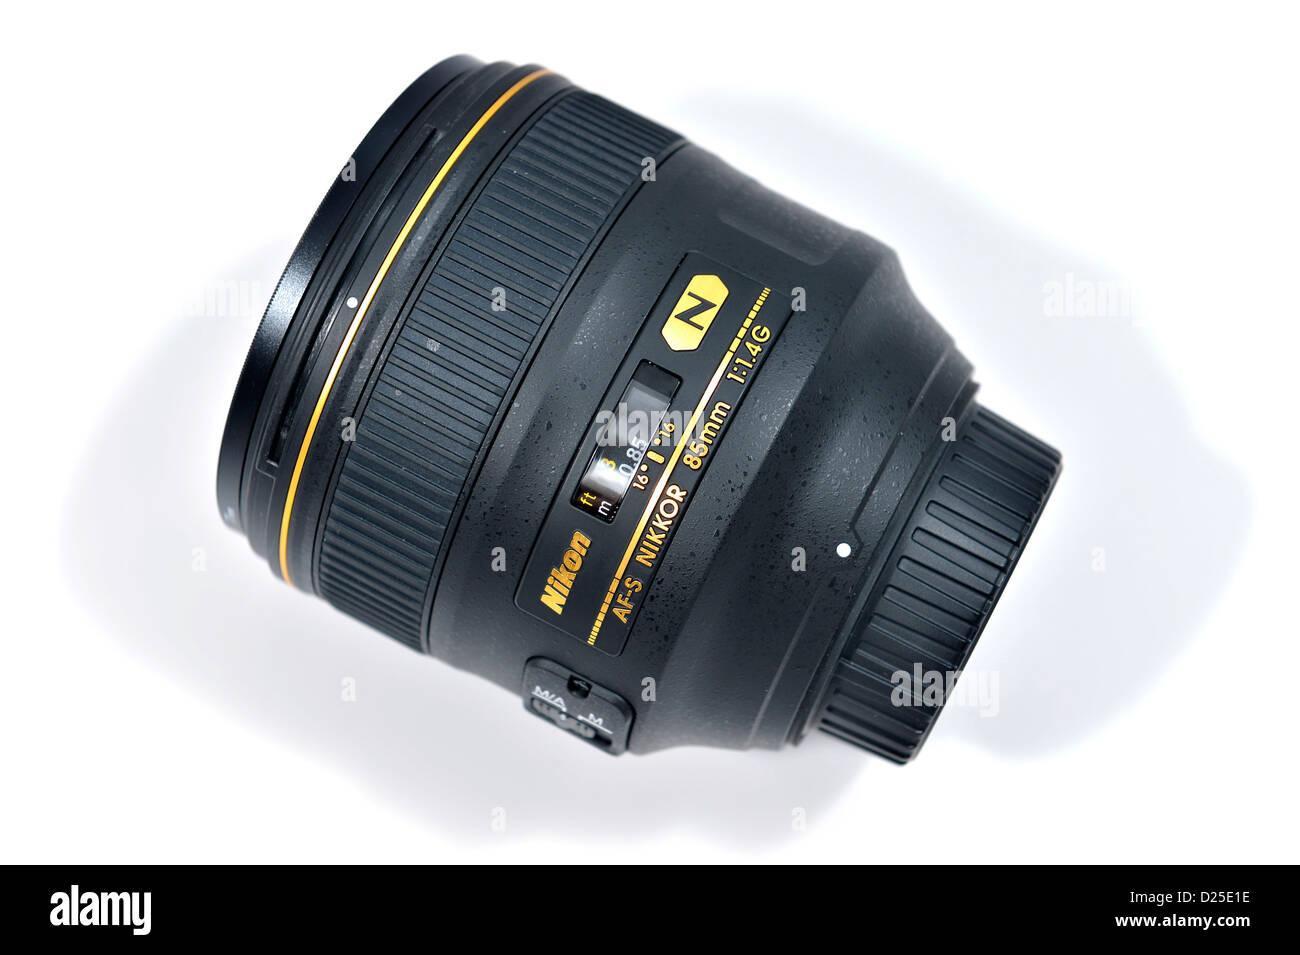 Nikon Nikkor AF-S 85mm f/1.4G professional portrait lens - Stock Image